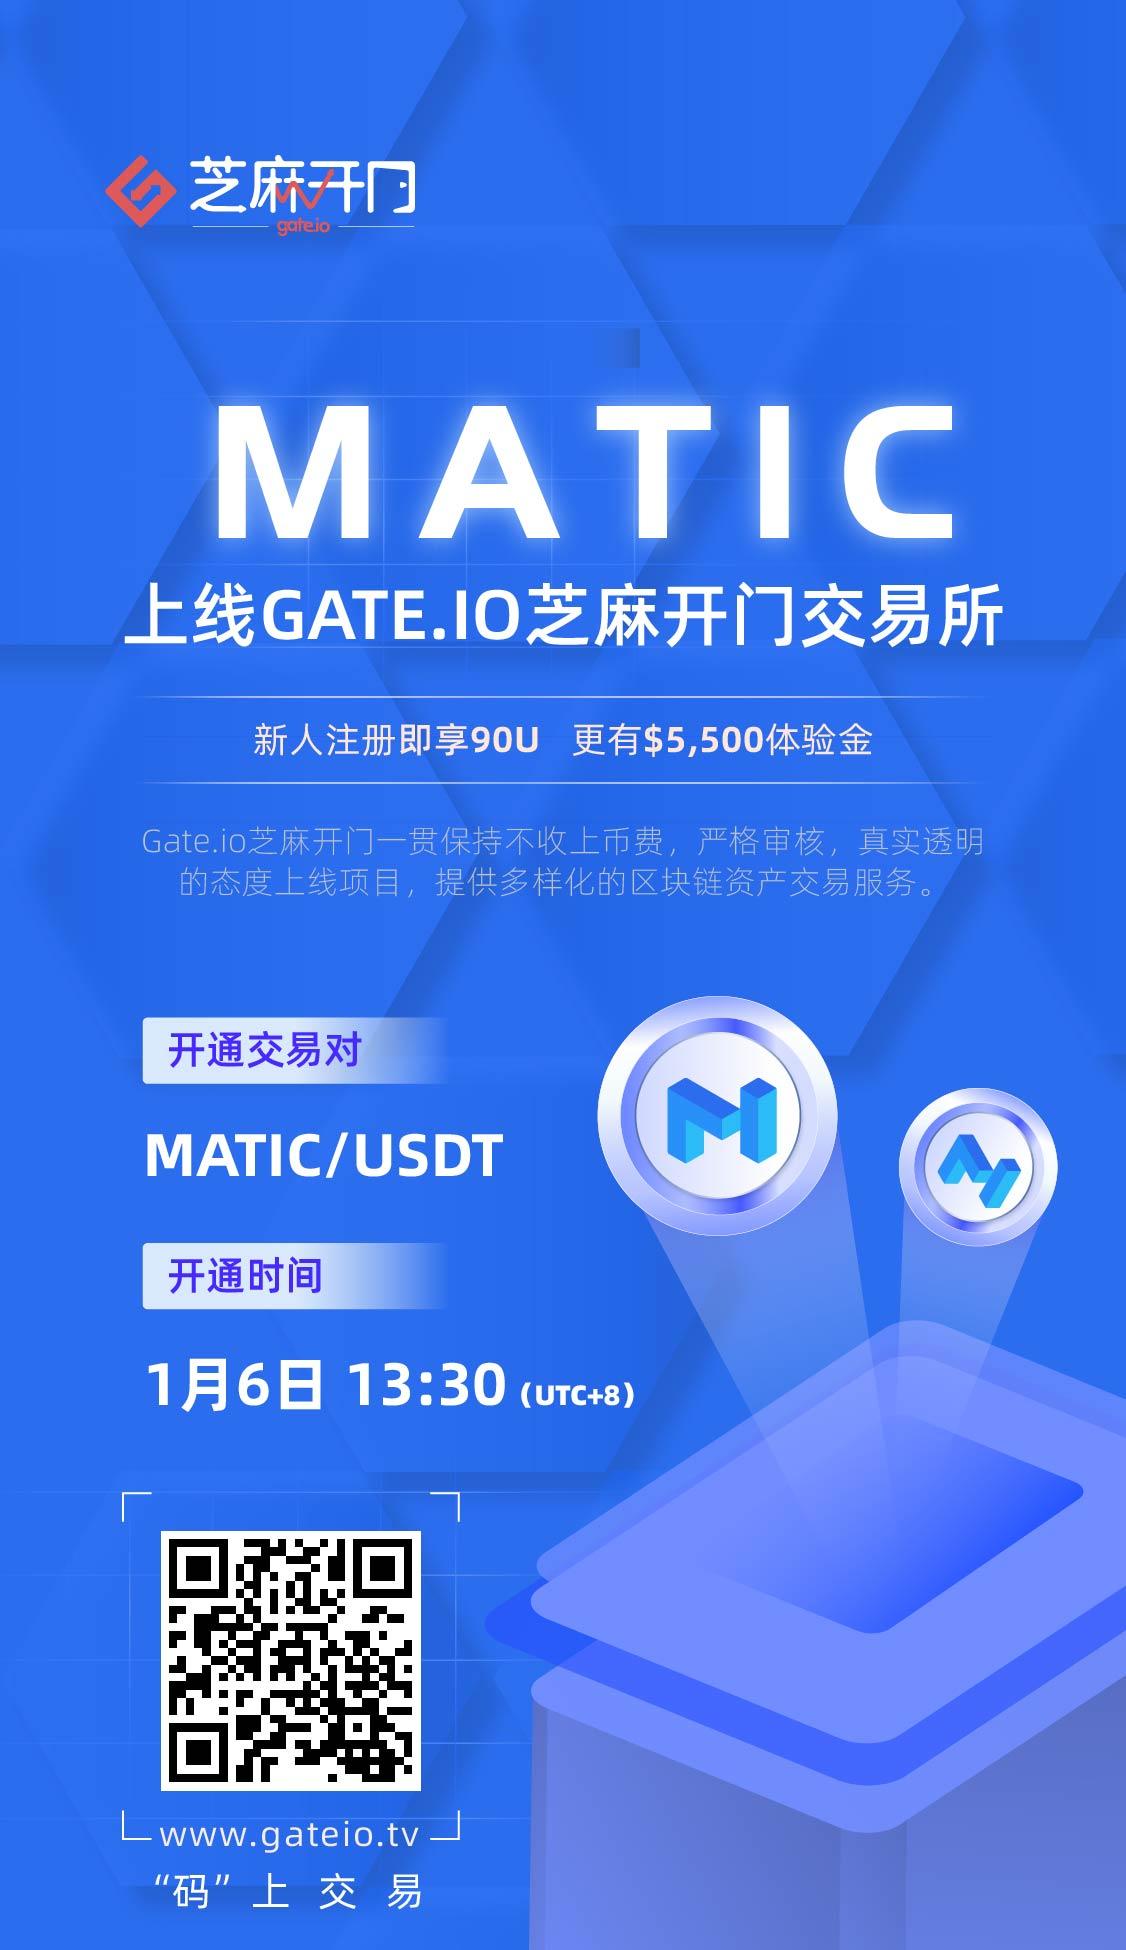 Gate.io芝麻开门将上线 Matic Network (MATIC) 交易的公告插图